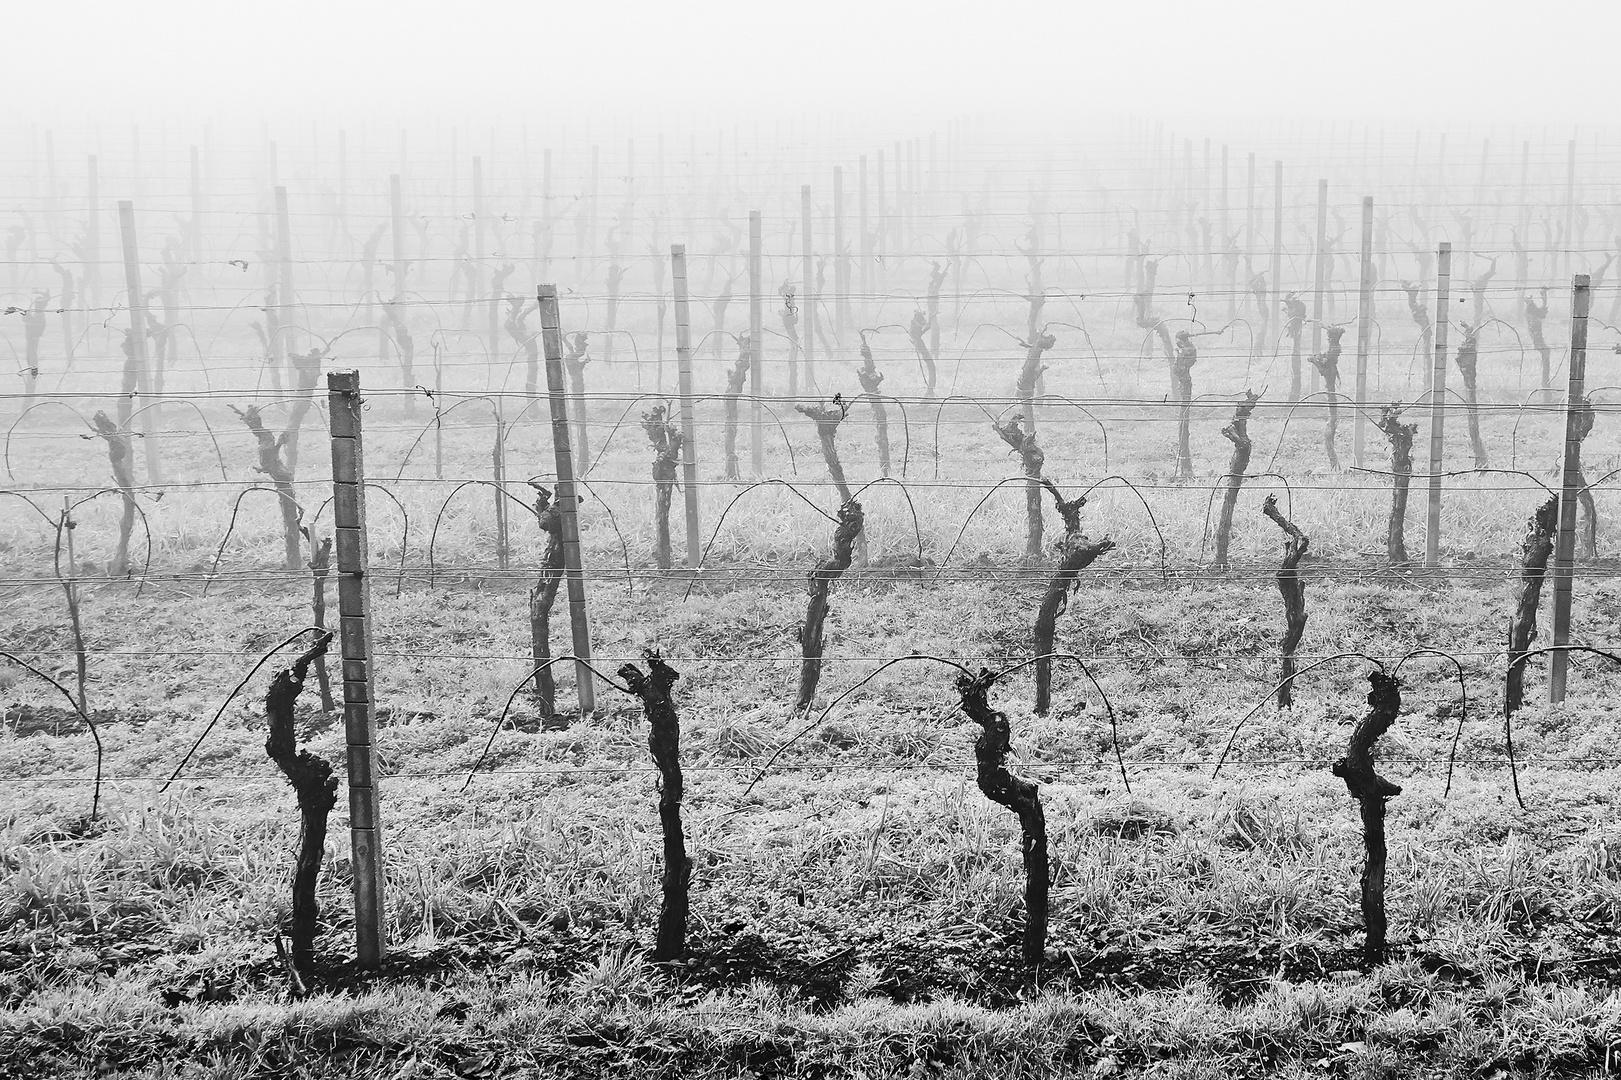 Nebel in den Weinbergen